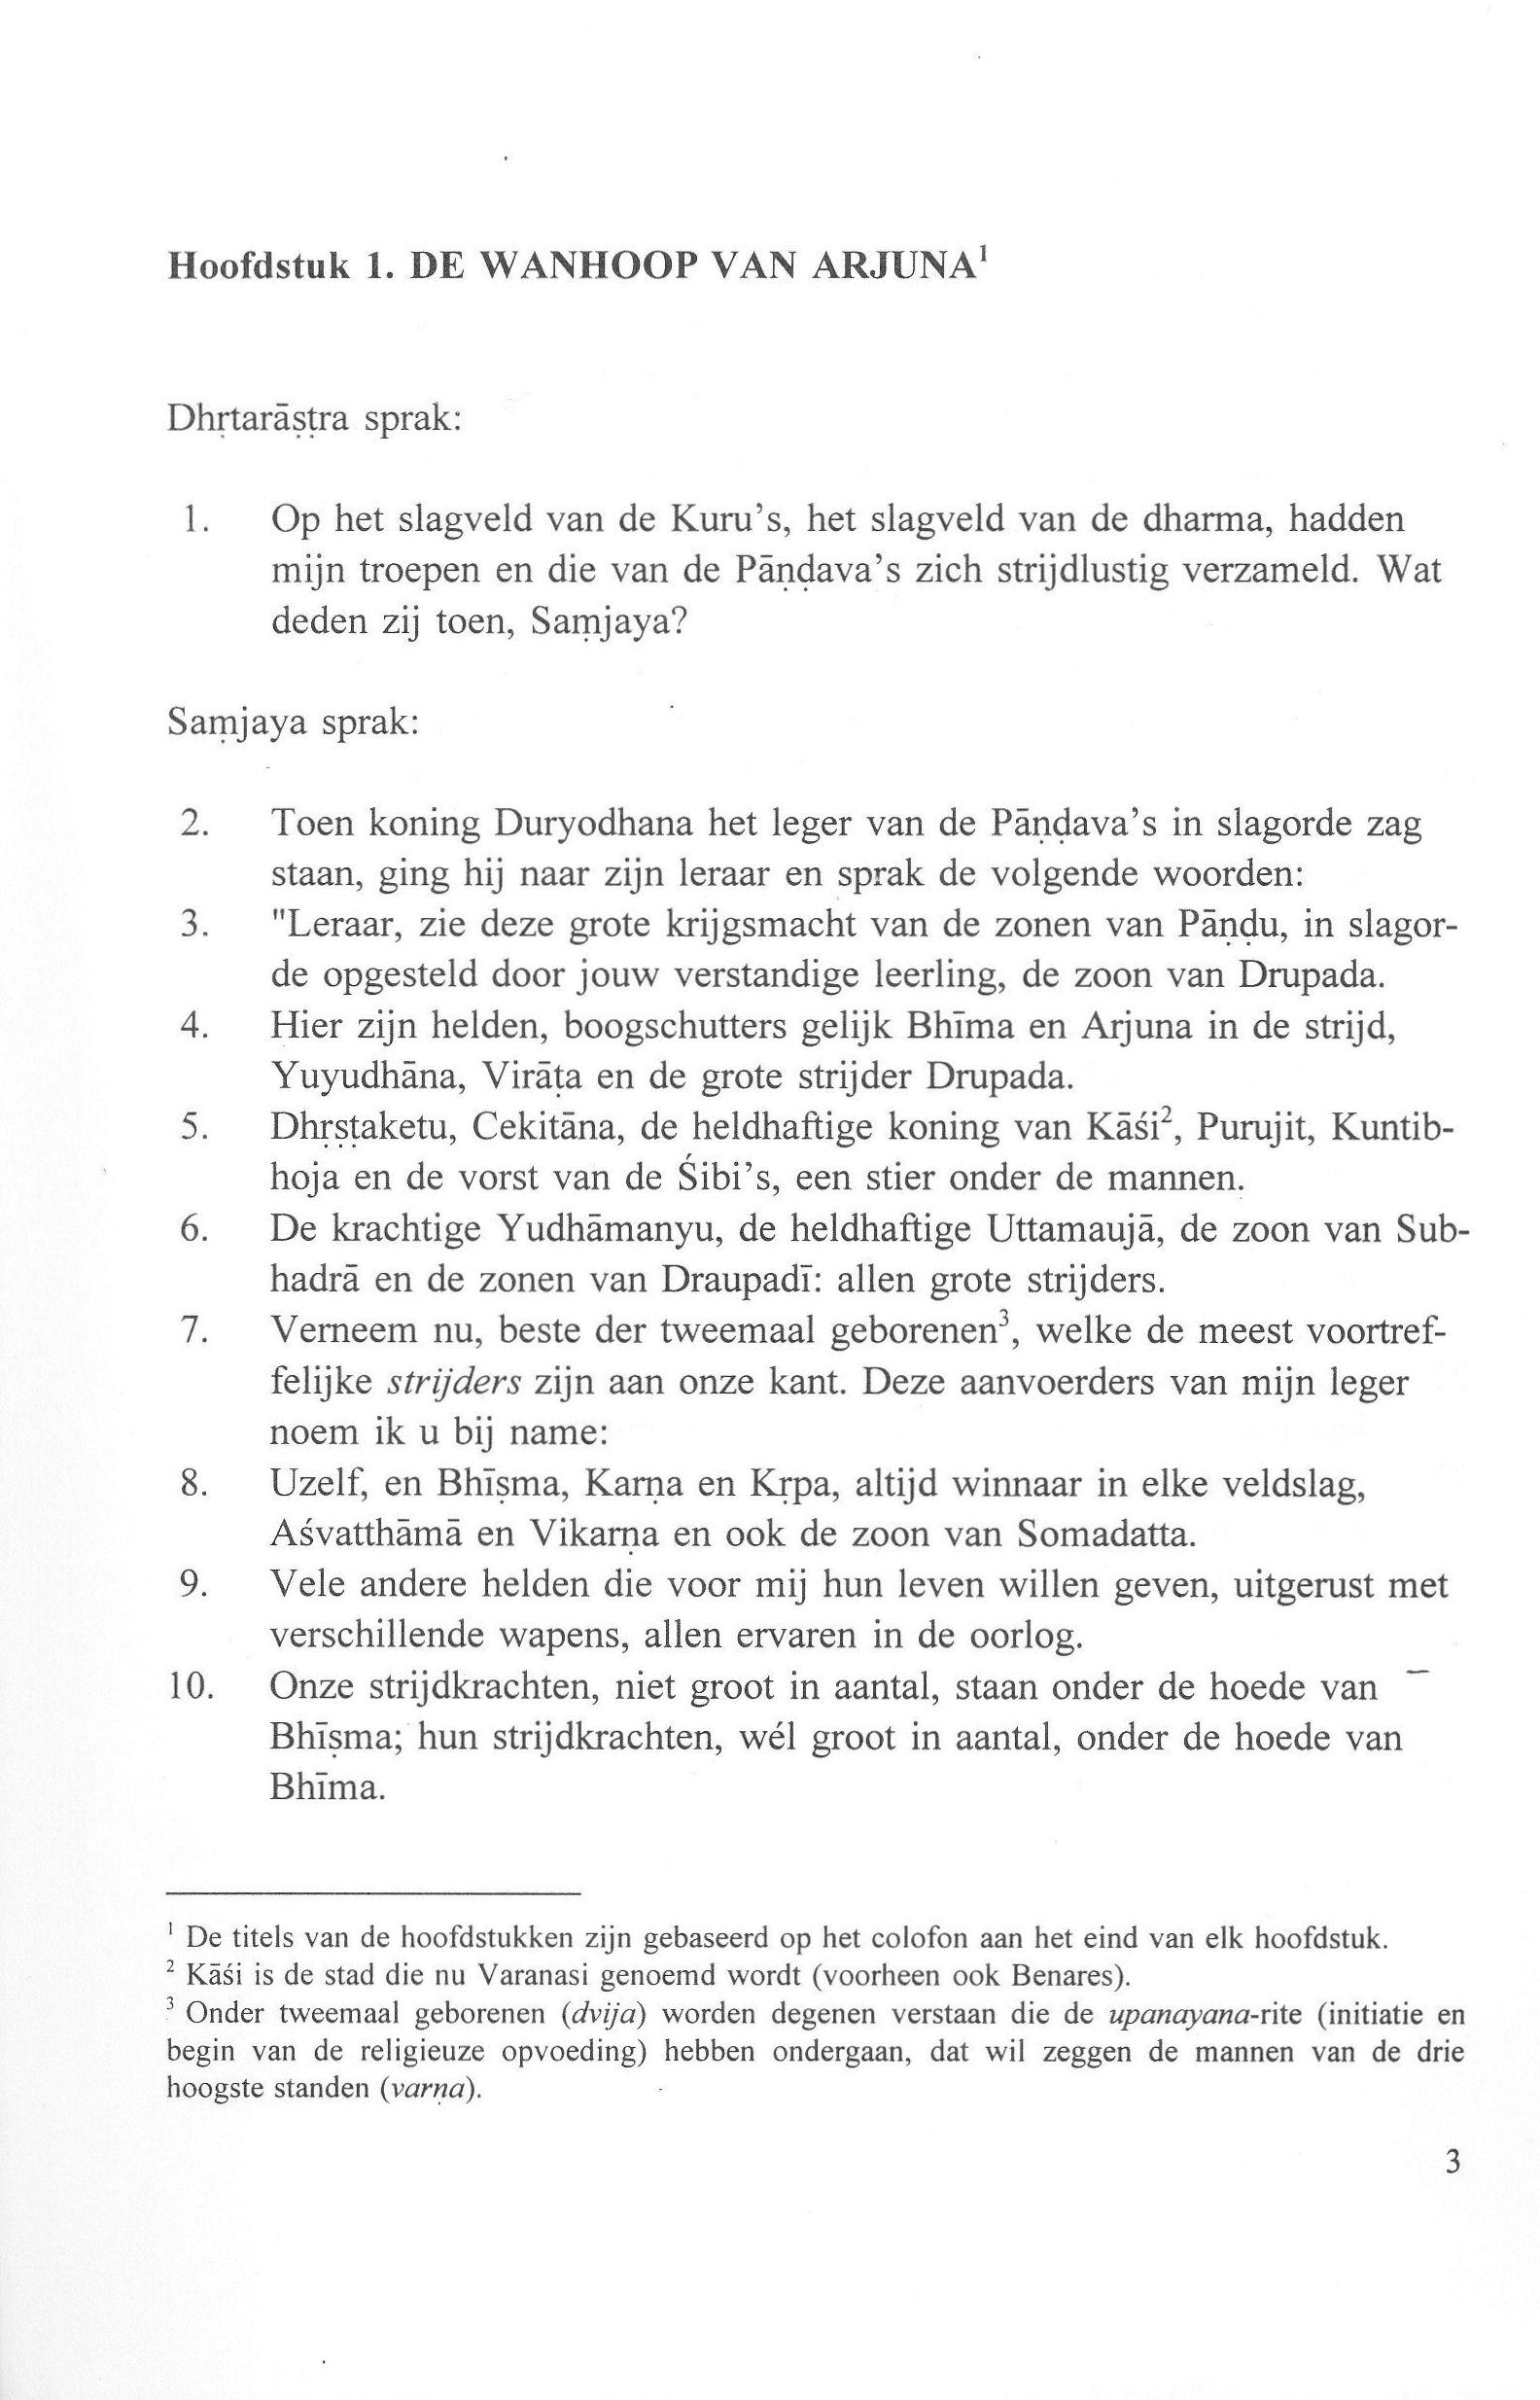 Citaten Uit De Bhagavad Gita : Bhagavad gita hoofdstuk en